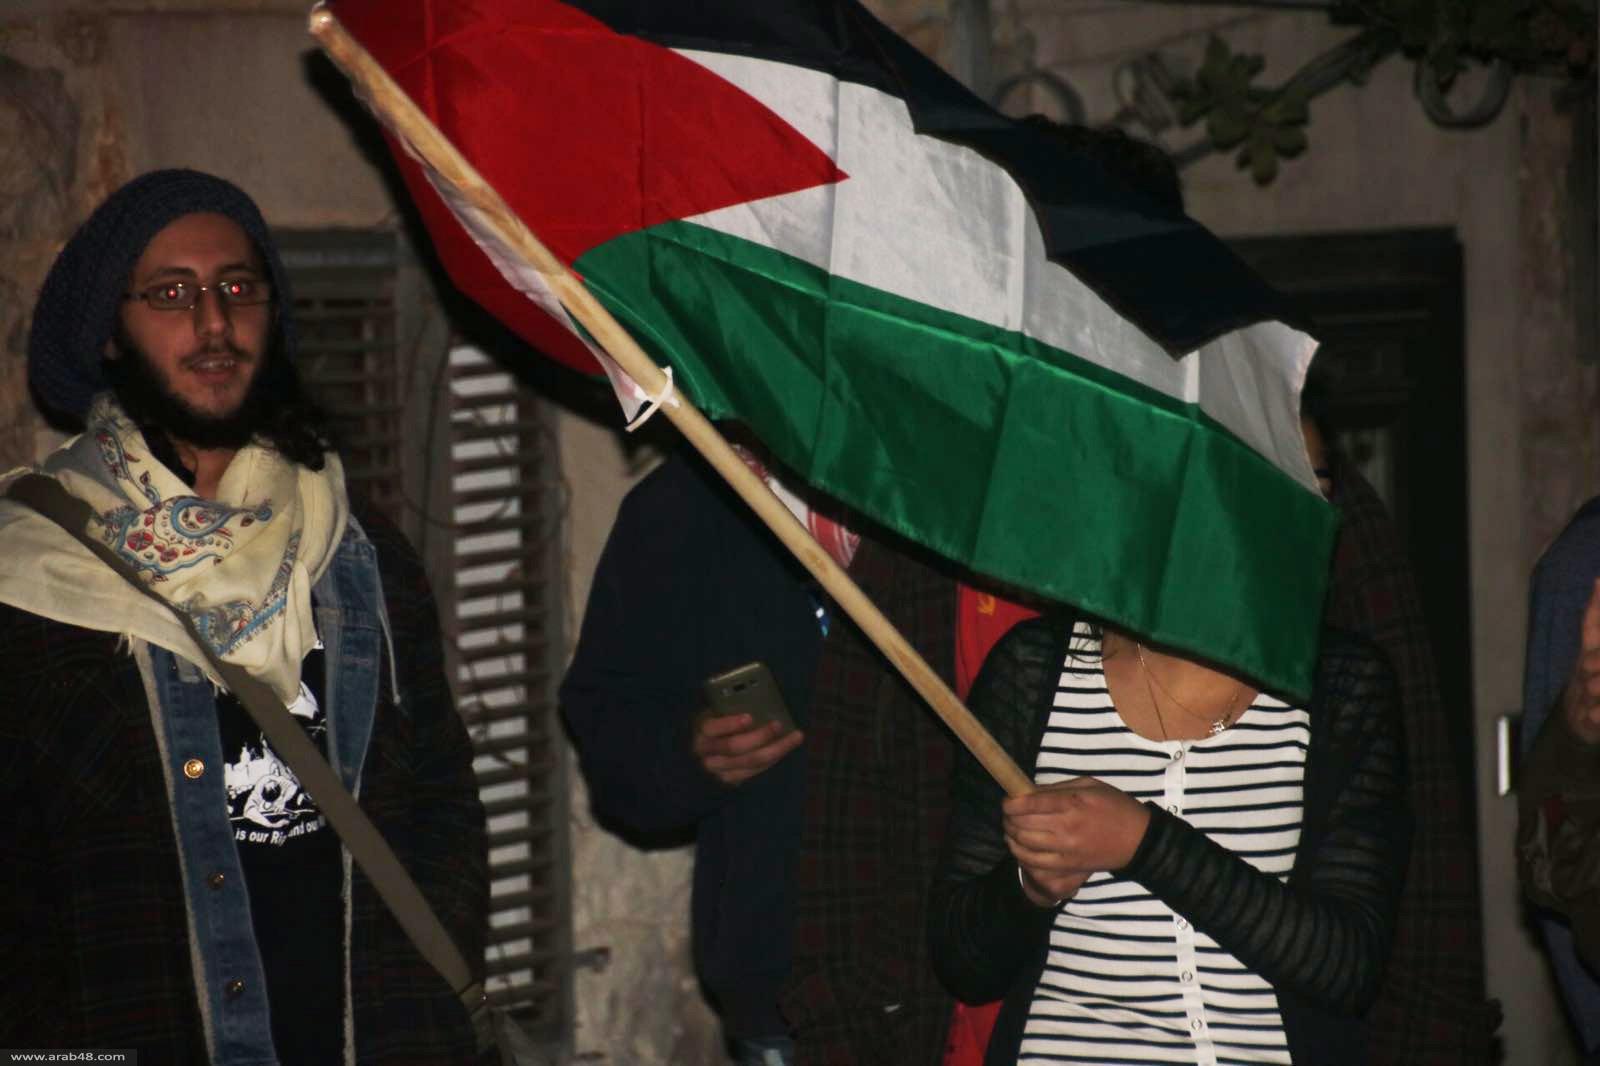 حيفا: العشرات يتظاهرون نصرة للقيق